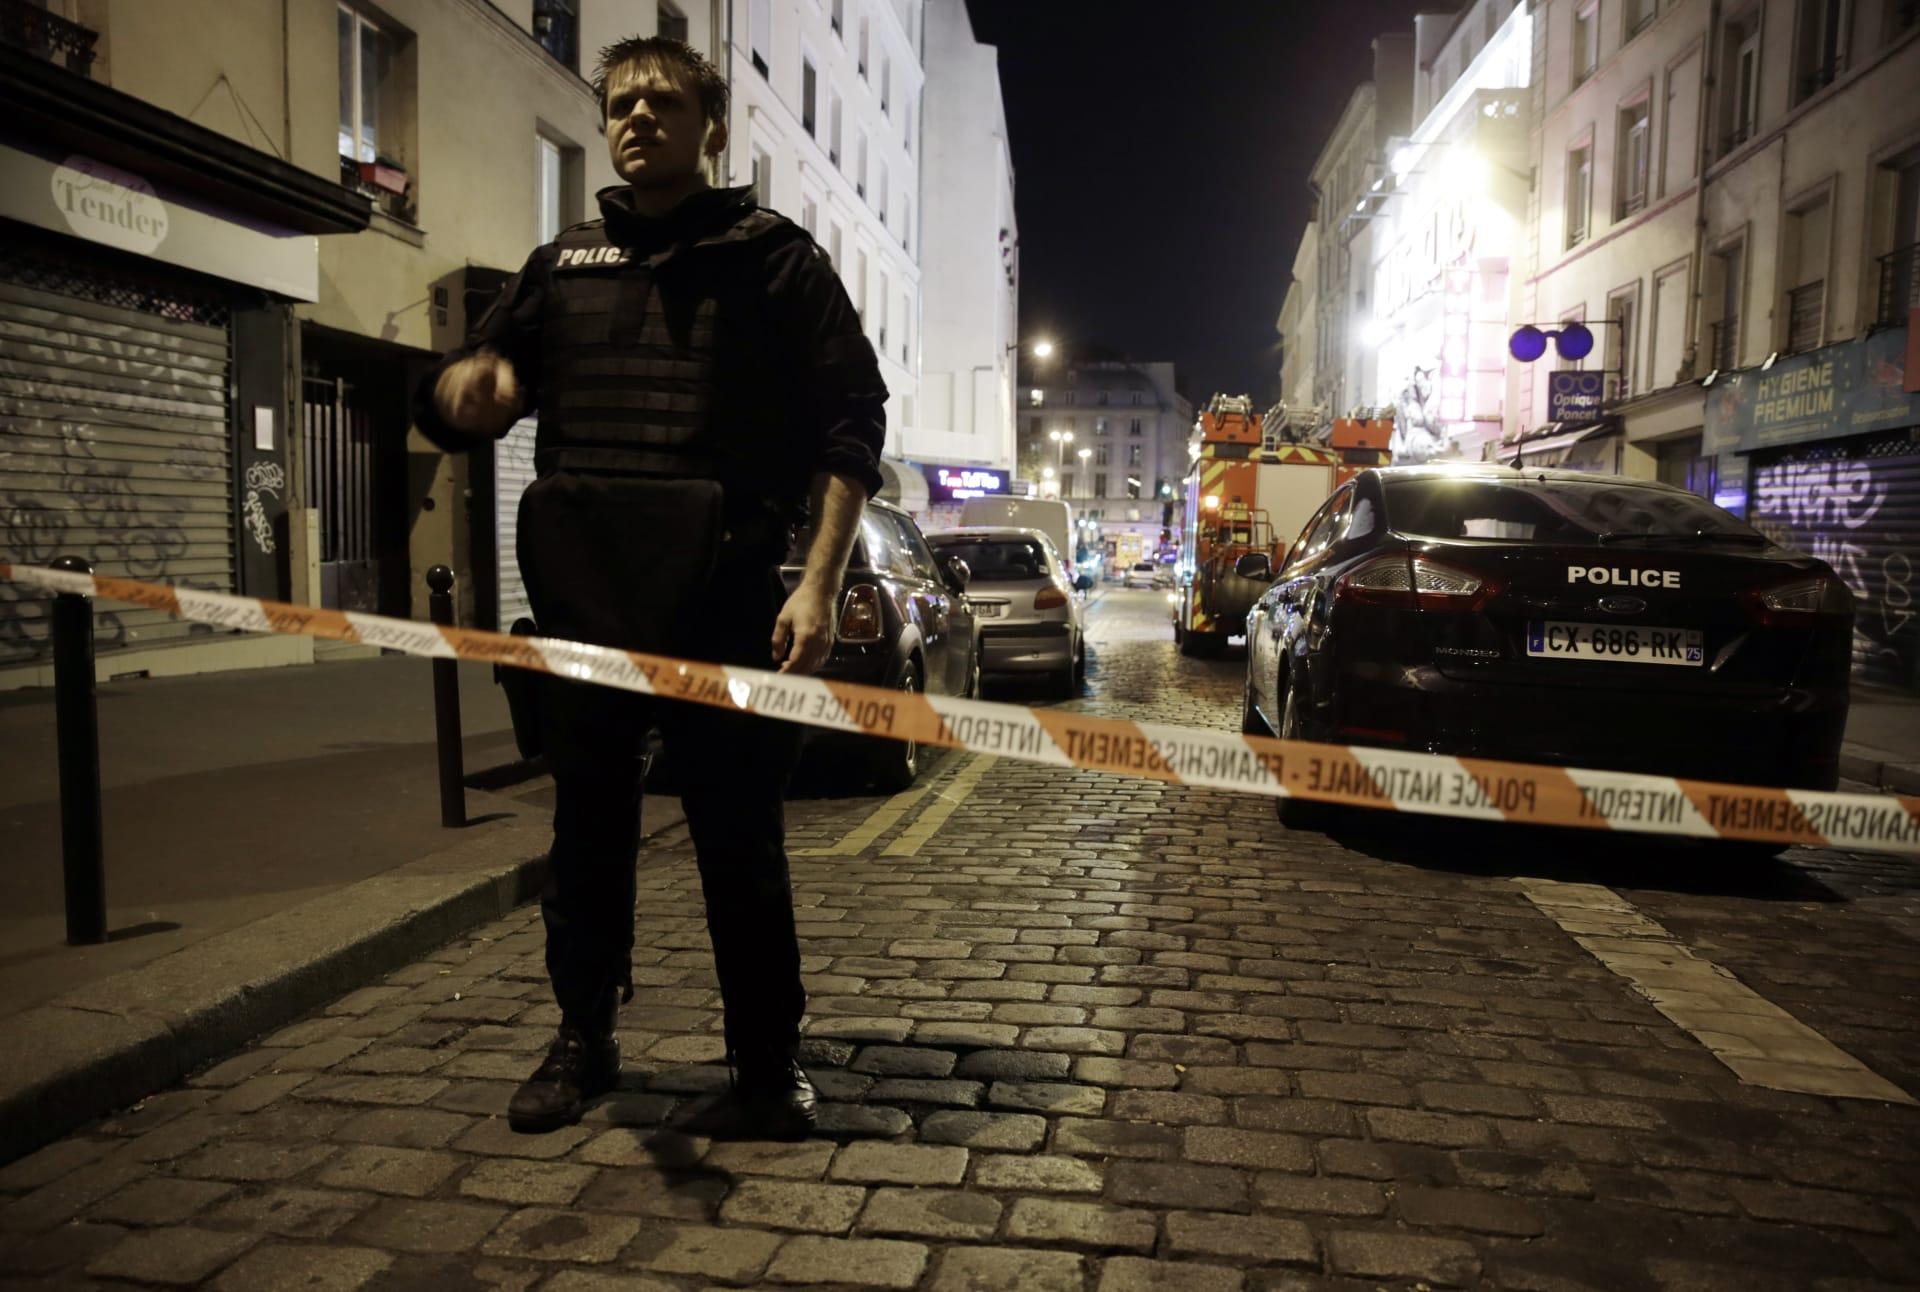 """الشرطة الفرنسية لـCNN: إغلاق ضاحية """"مونتروج"""" في باريس بعد اكتشاف جسم يشبه حزاما ناسفا"""